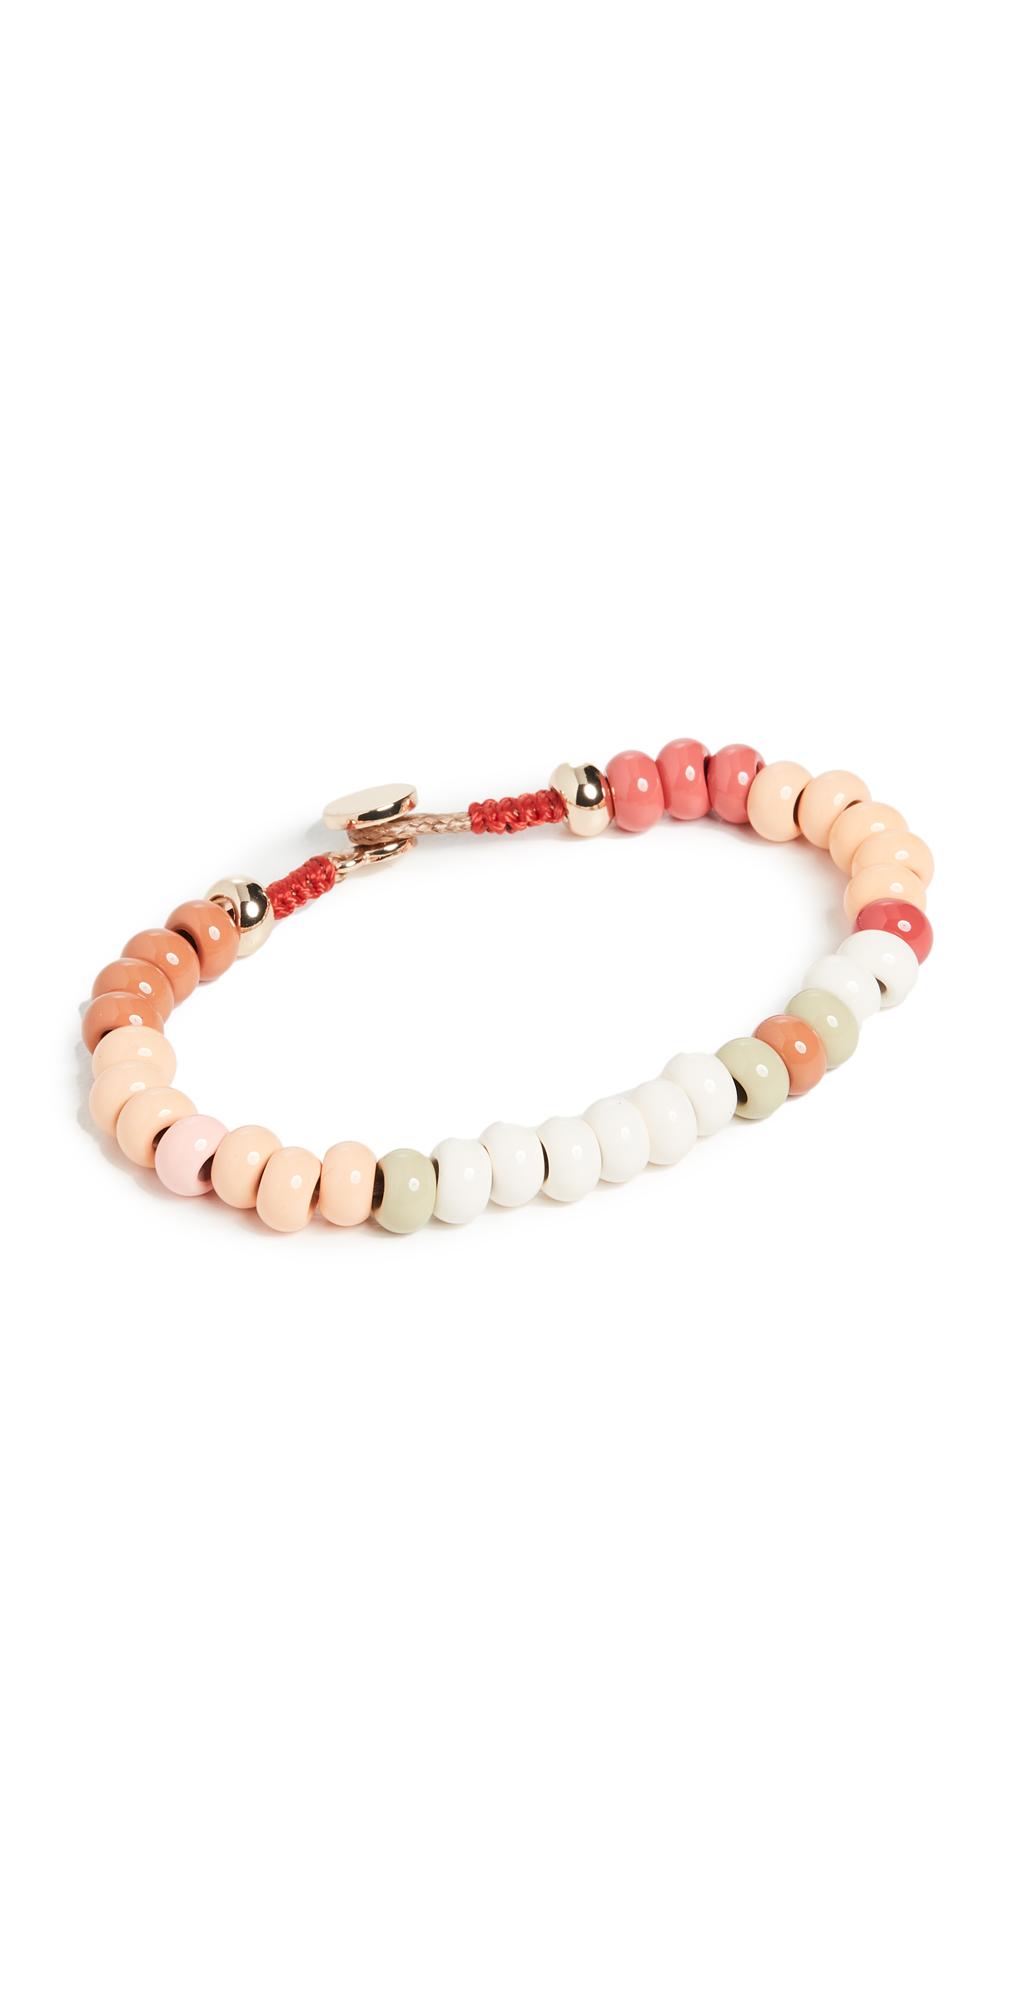 Roxanne Assoulin Loopy Bracelet Multi One Size